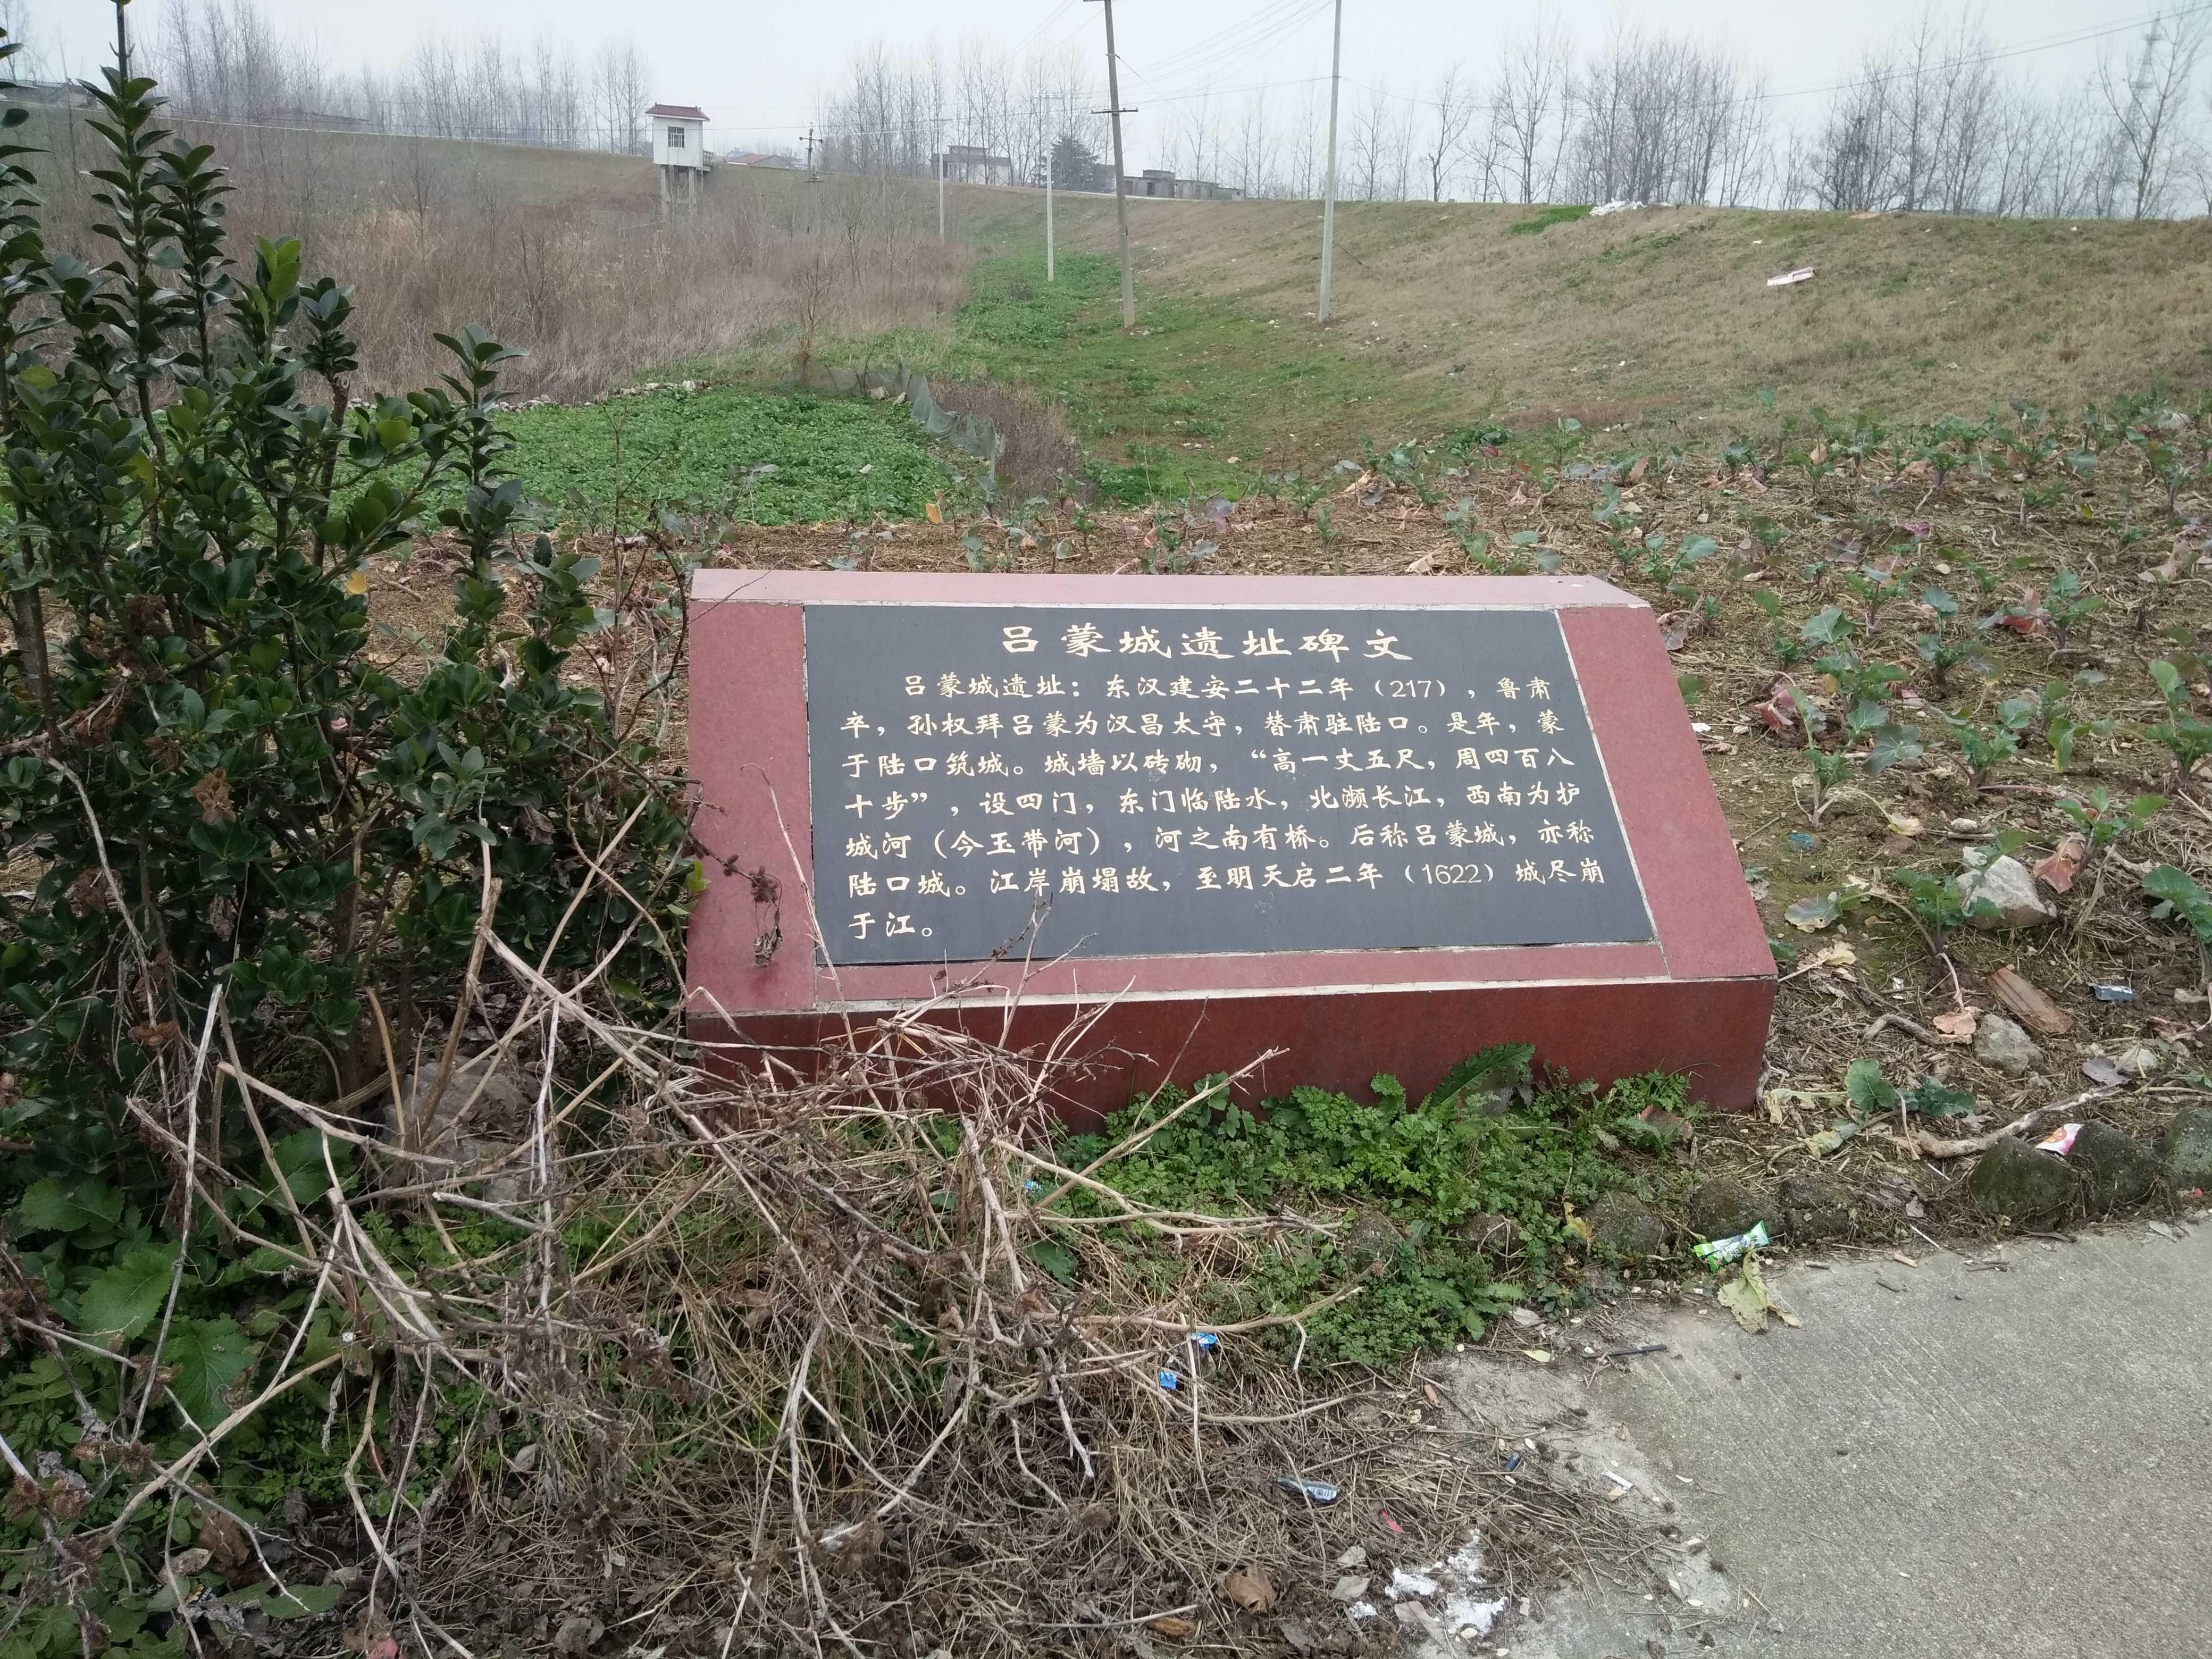 呂蒙城遺跡